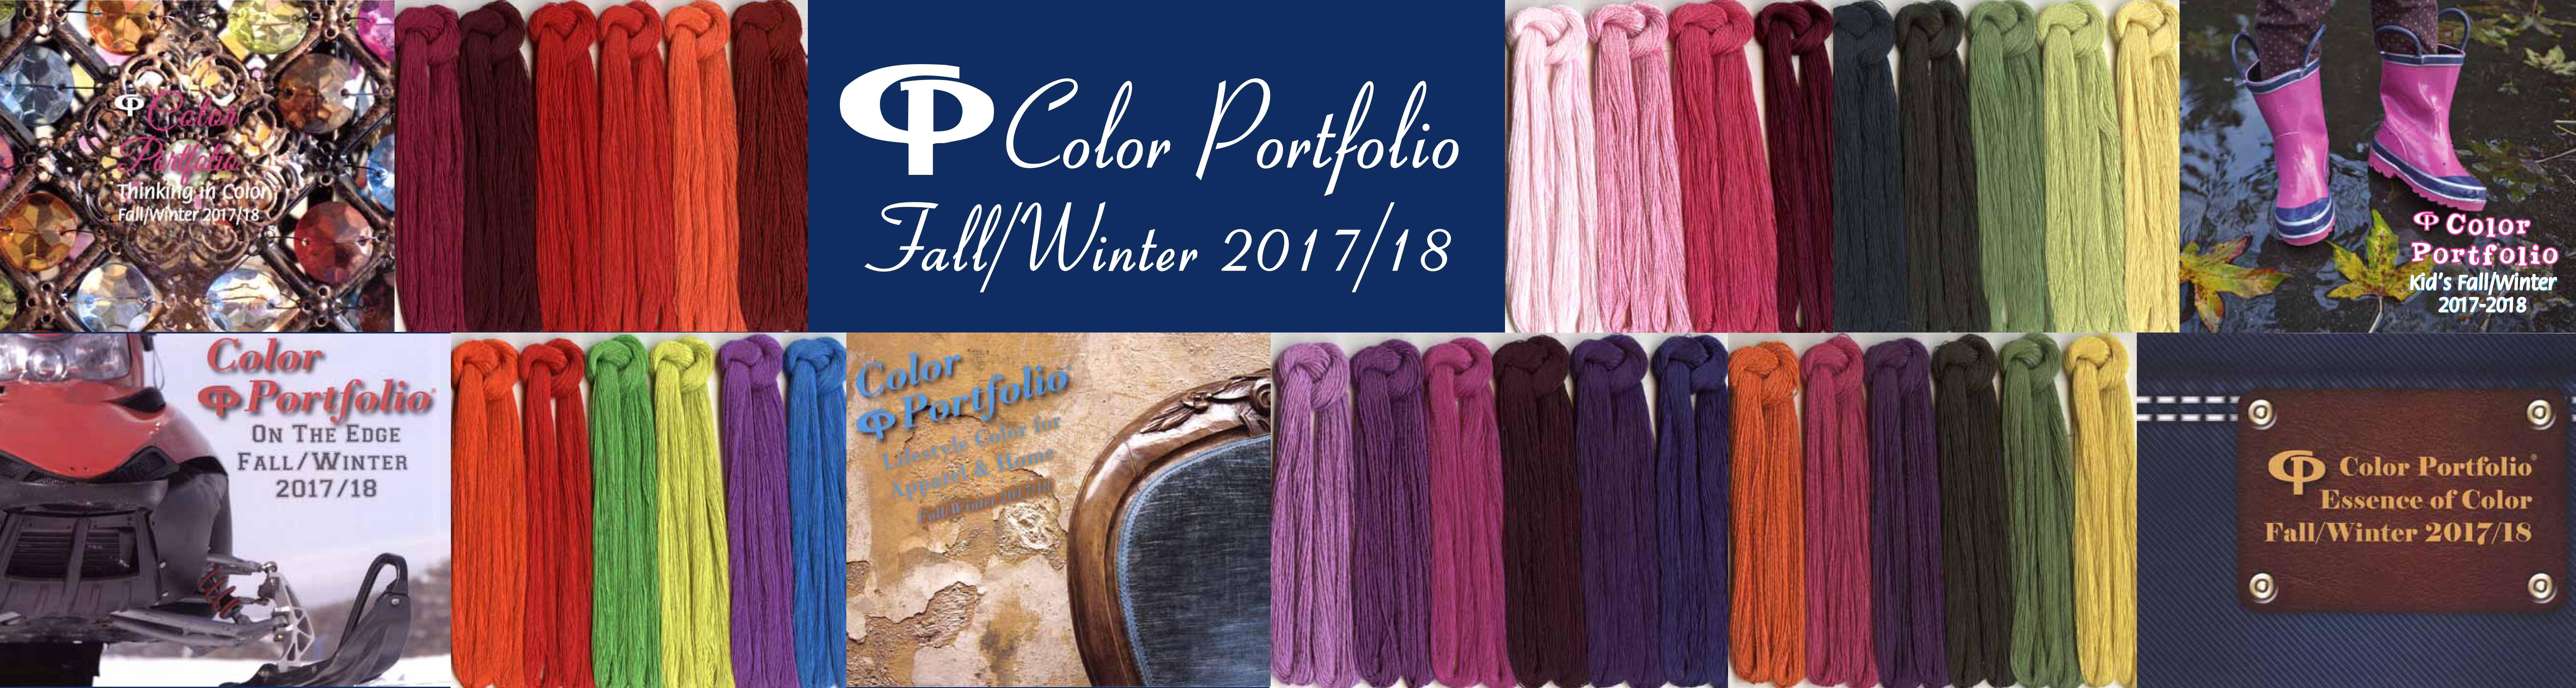 Color Portfolio AW 2017-18